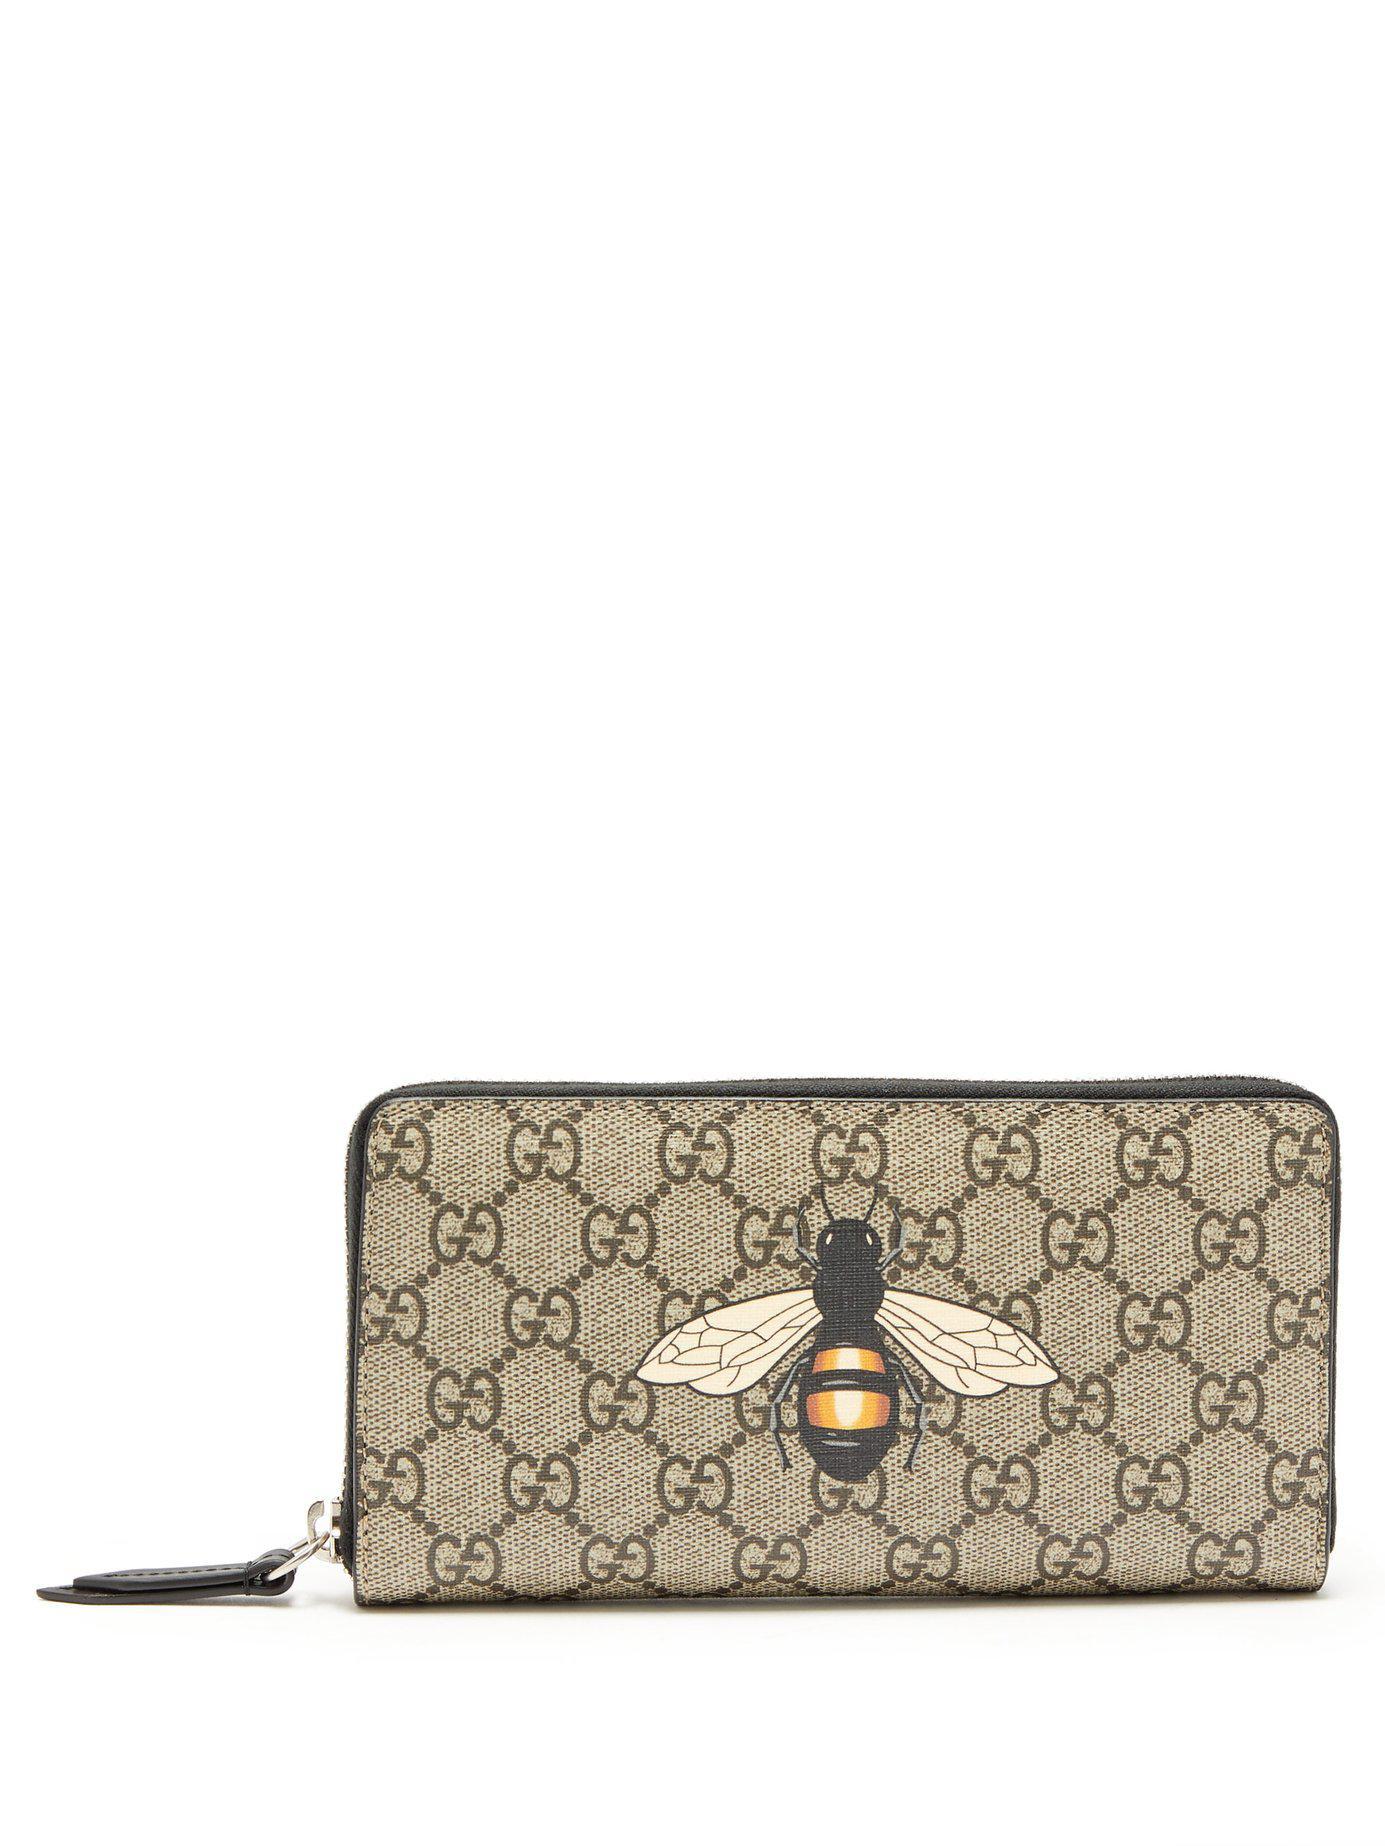 b1ed9bd8628db Lyst Portefeuille A Imprime Abeille Supreme Gg Gucci Pour Homme